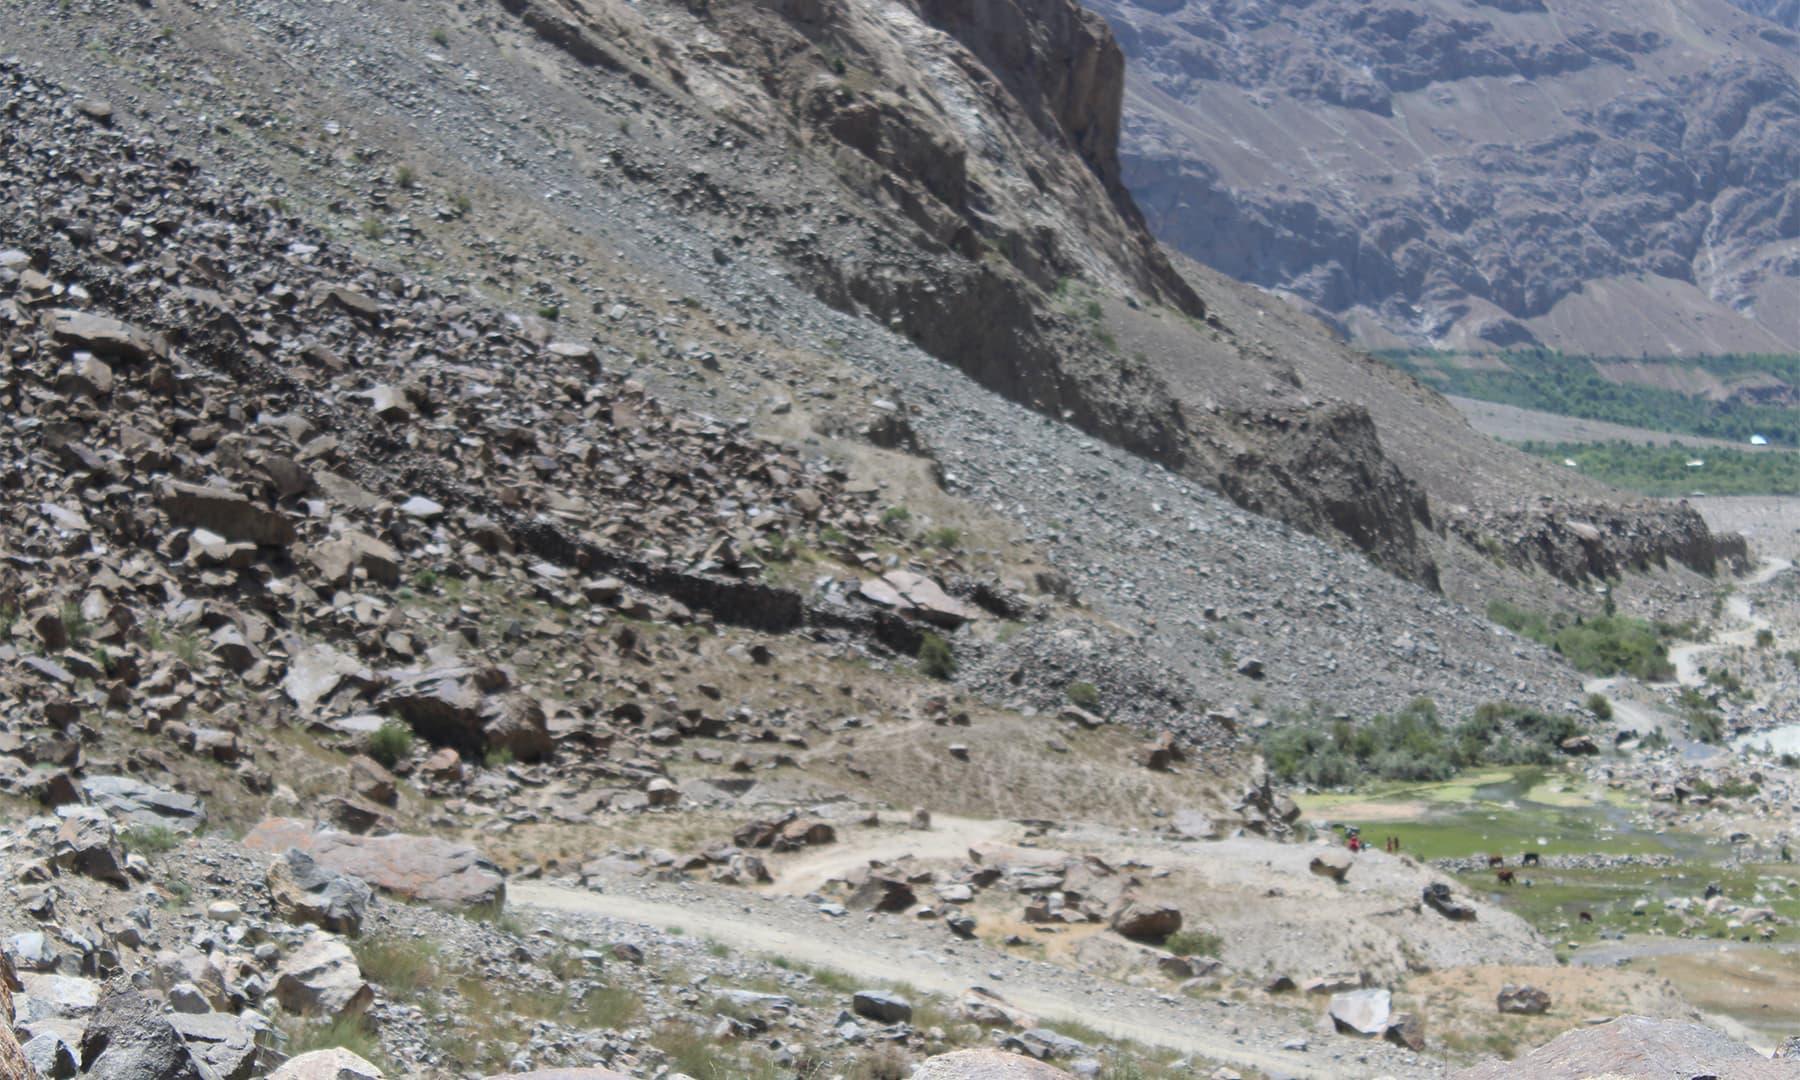 دربند کے مقام پر سڑک کی دونوں جانب مورچے اور ایک چھوٹی دیوار